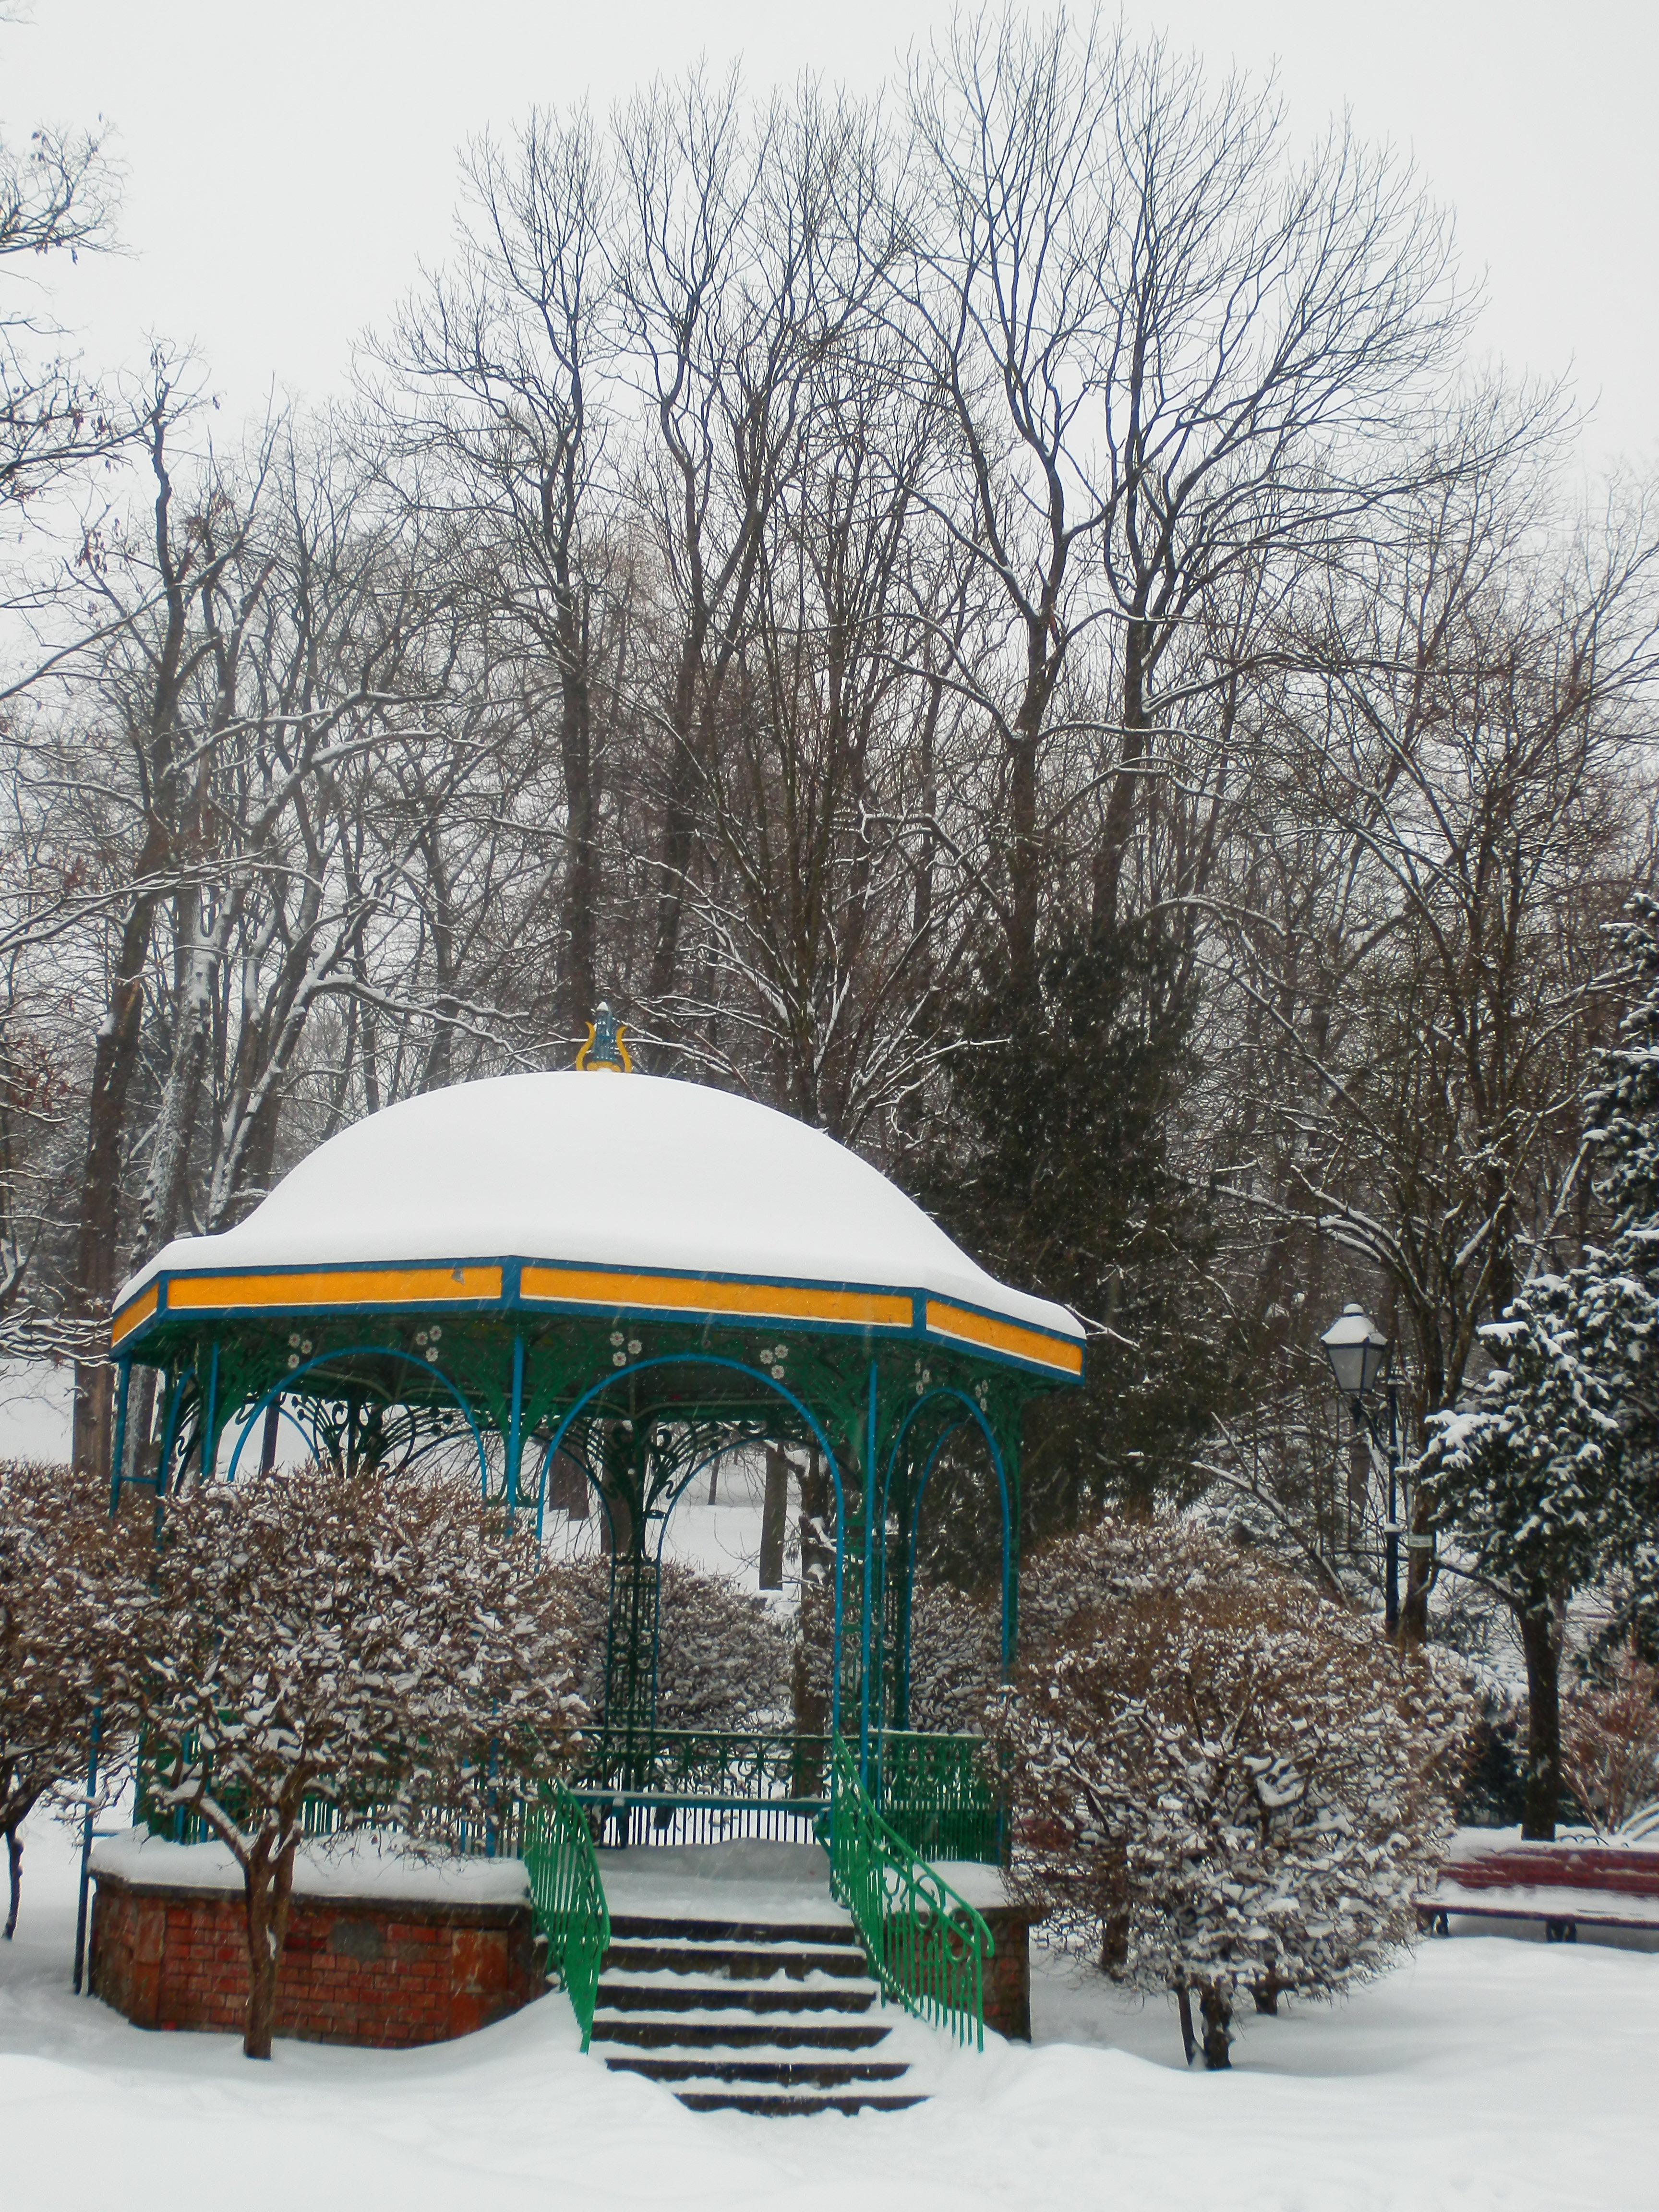 Снежный расцвет архитектуры. Фото: Виктор Гаврылив/The Epoch Times Украина